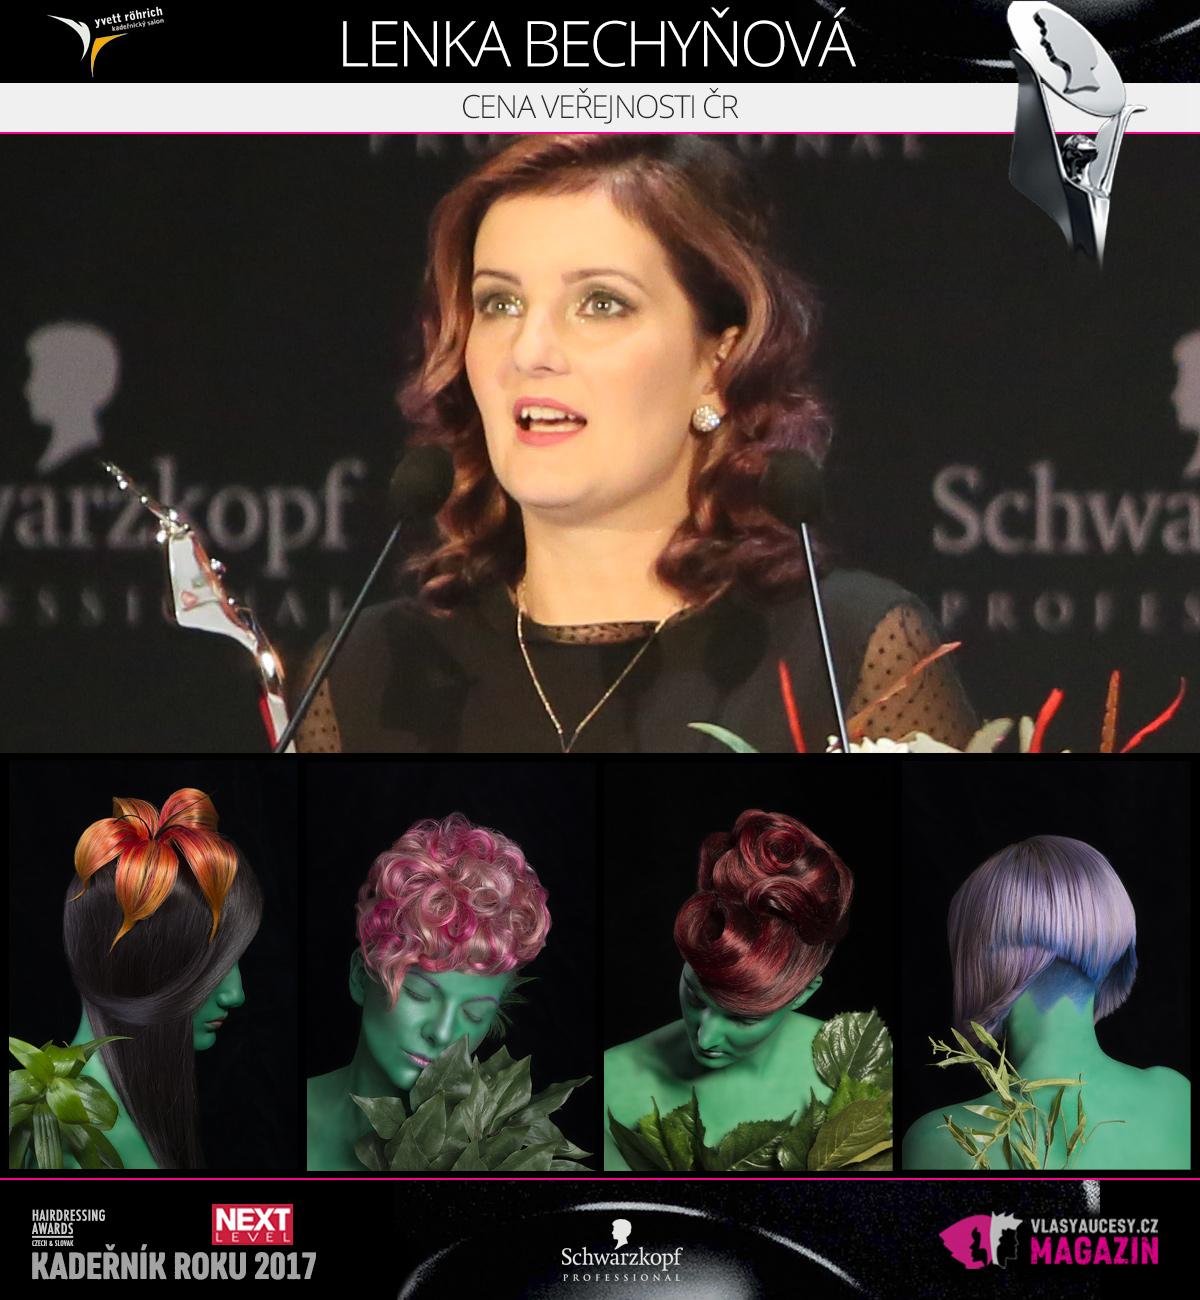 Lenka Bechyňová (Yvet Röhrich) – Cena veřejnosti CZ 2017 soutěže Czech&Slovak Hairdressing Awards.